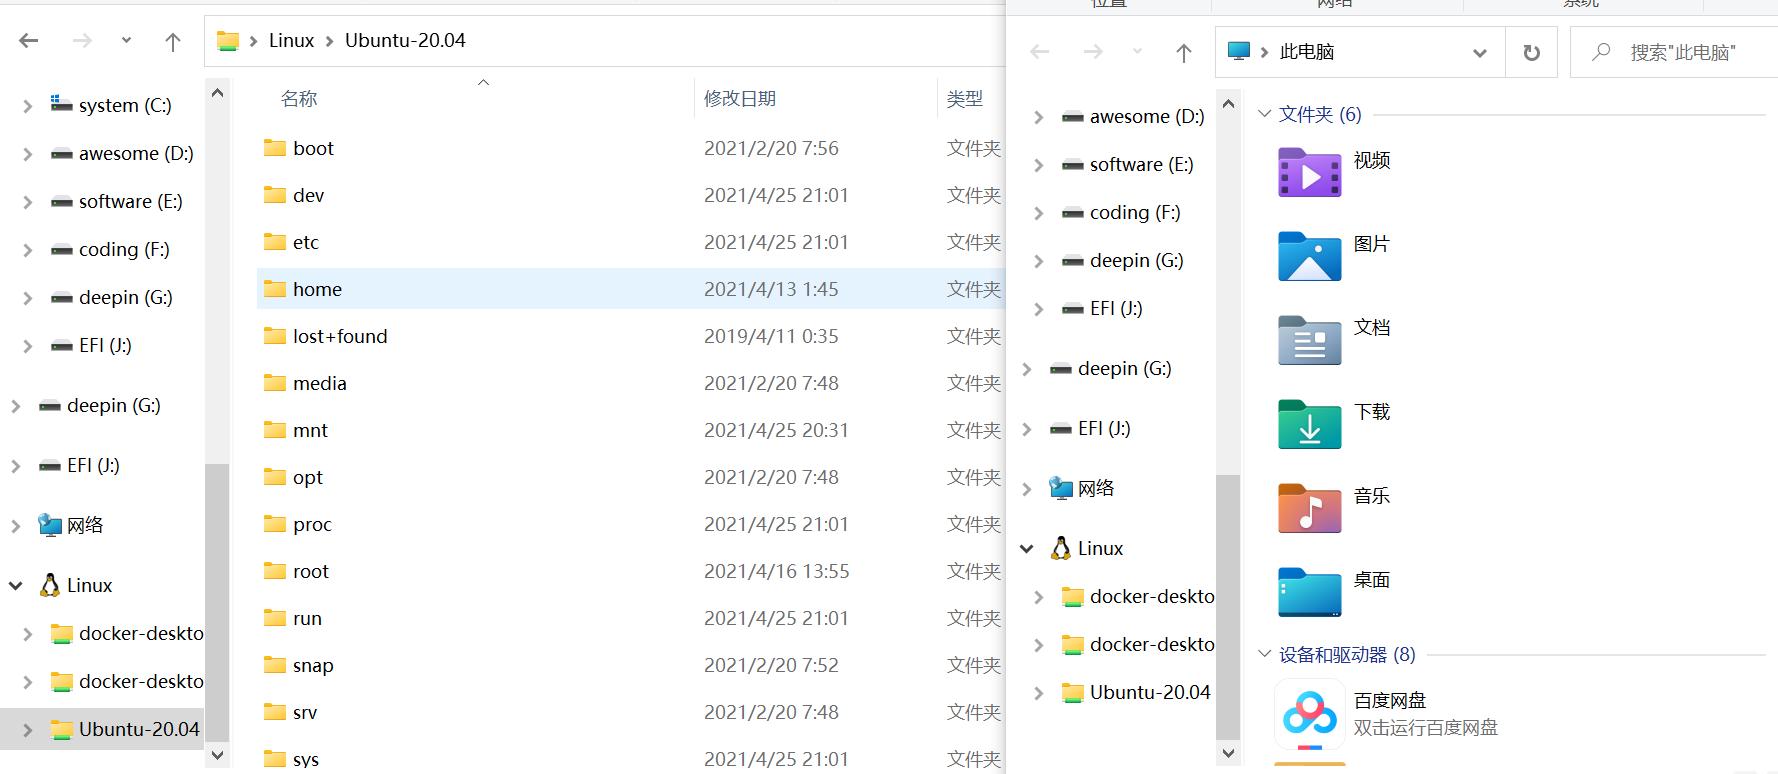 Windows new icons